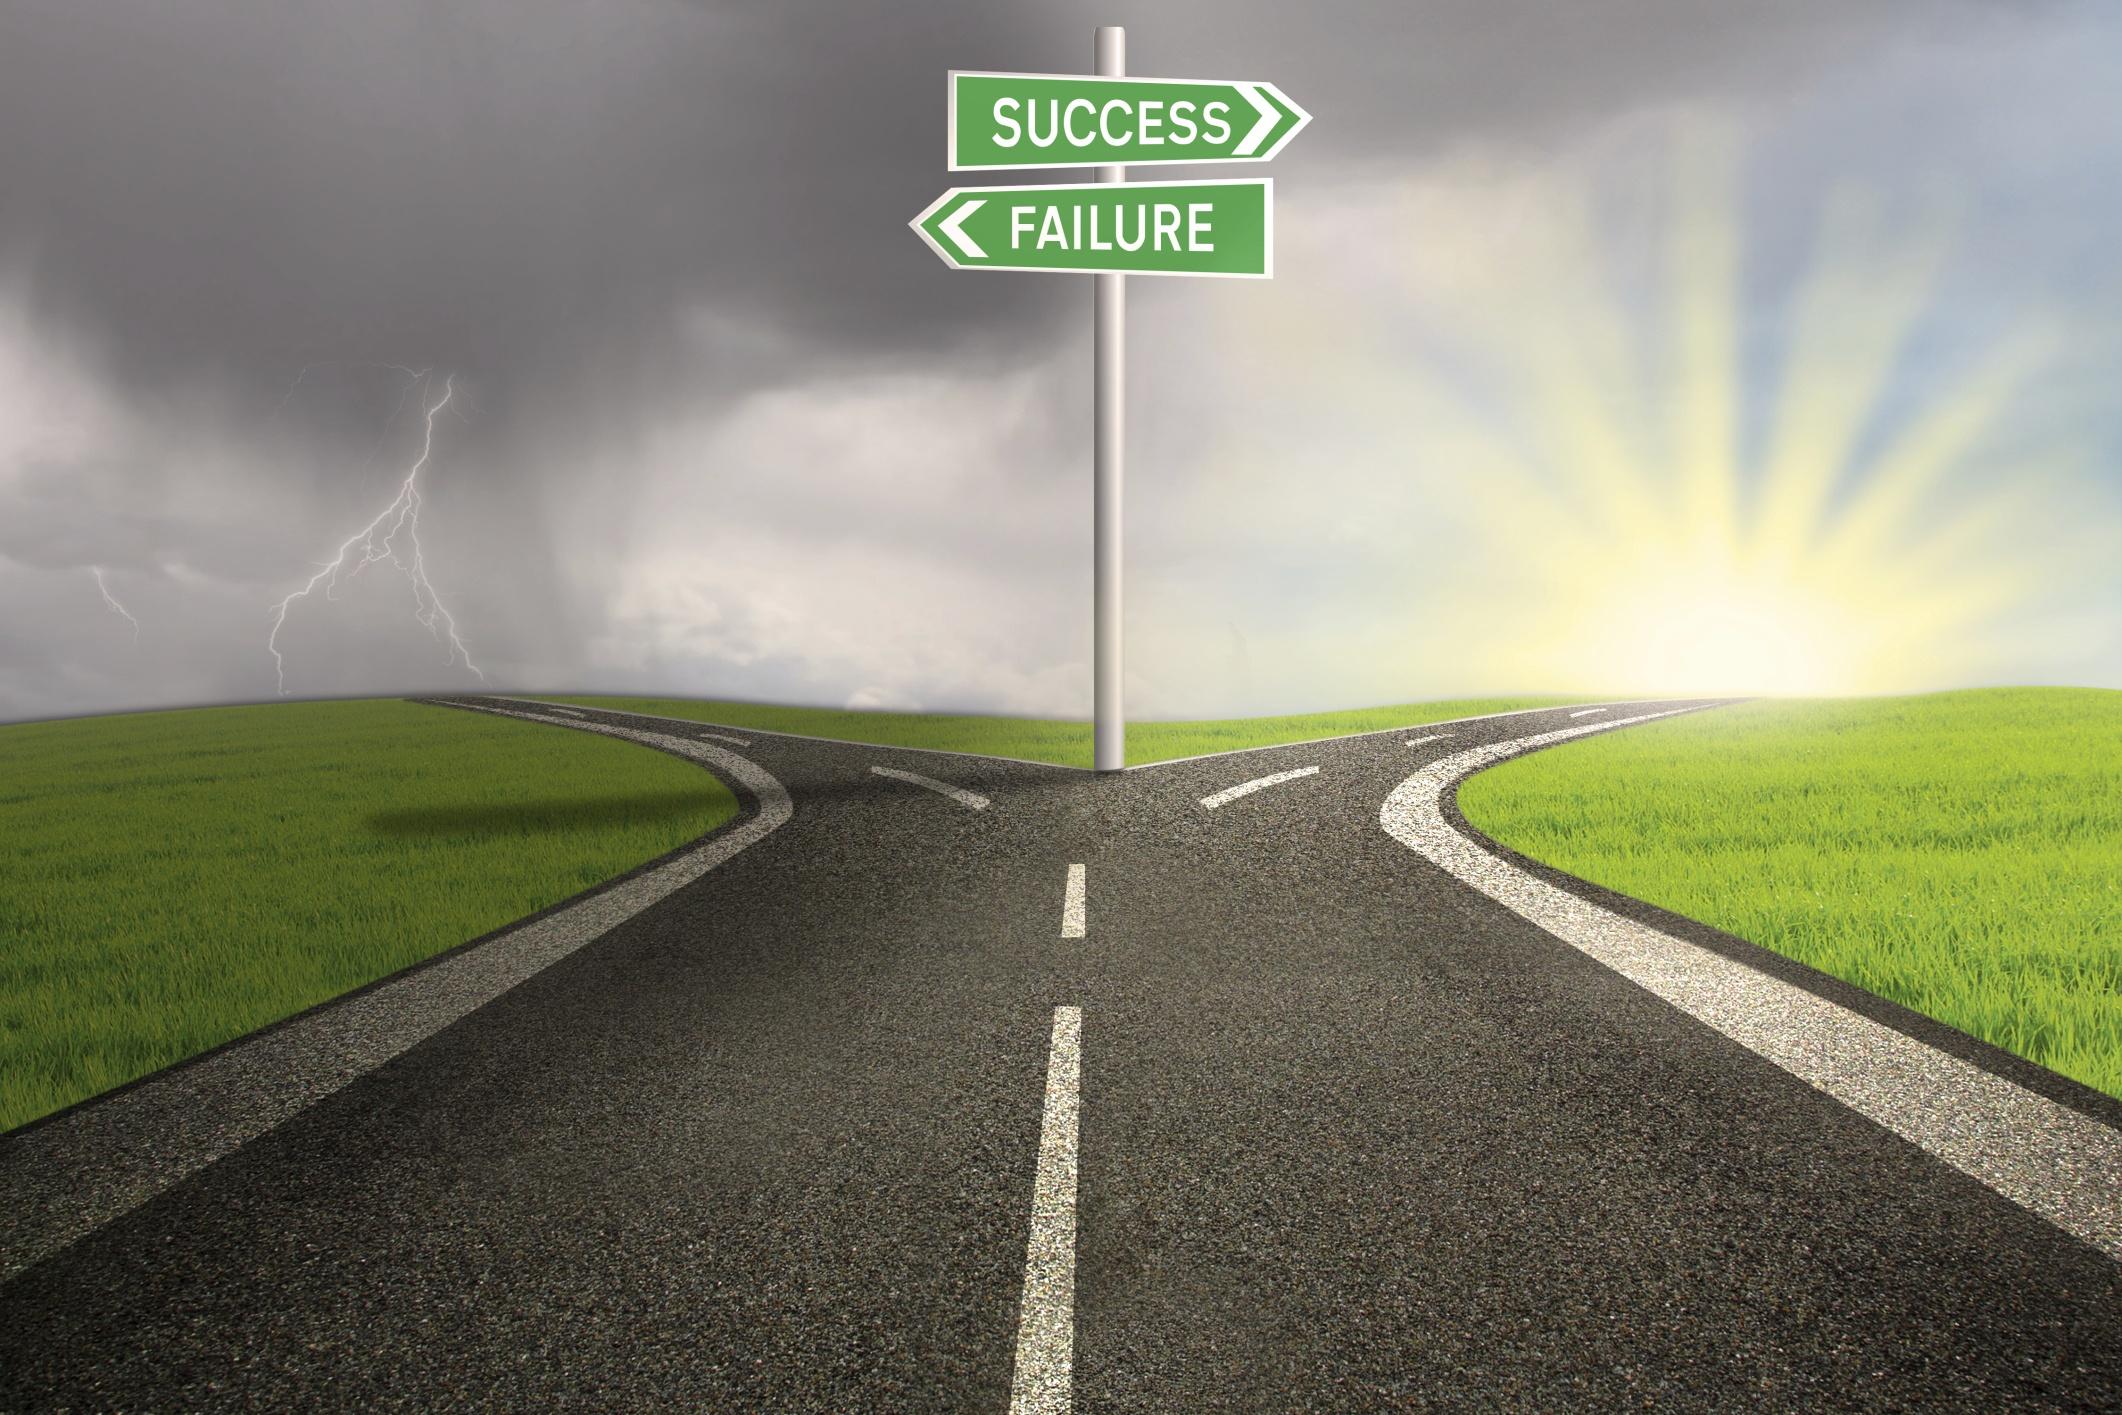 http://cdn2.hubspot.net/hubfs/32387/failure-inbound-marketing.jpg